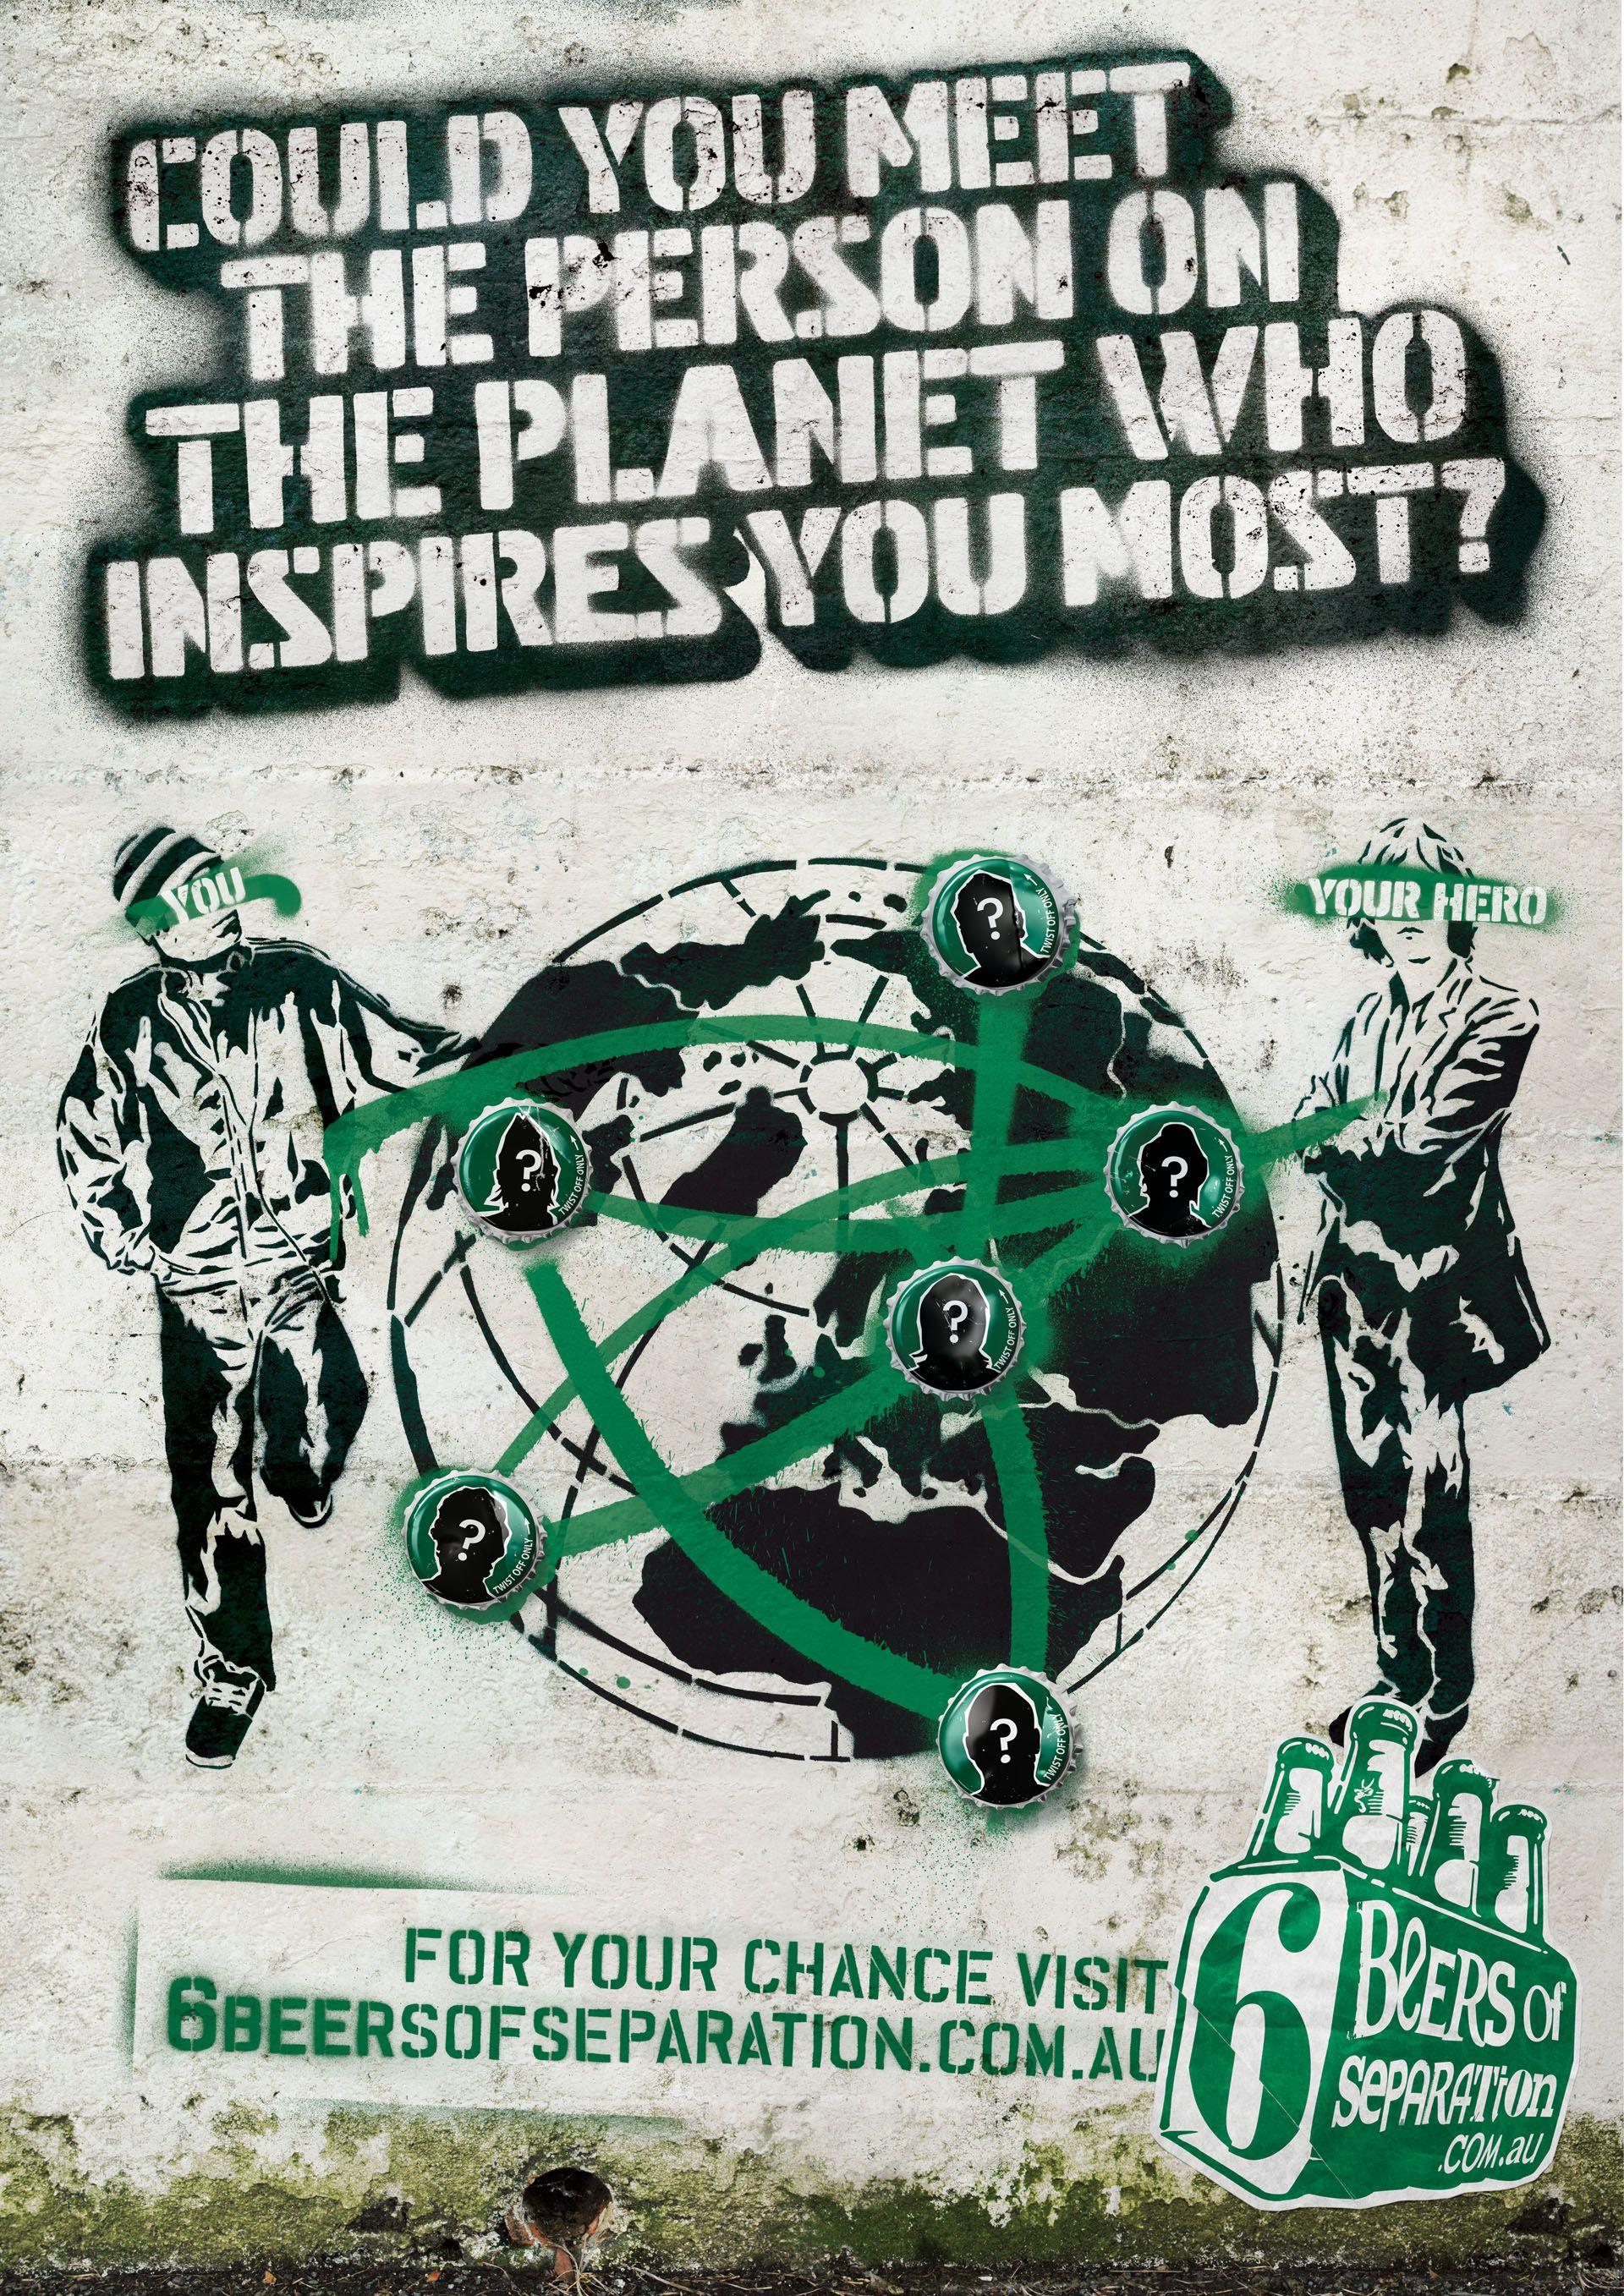 Tooheys - Advertising posters, illustration, graffiti ...